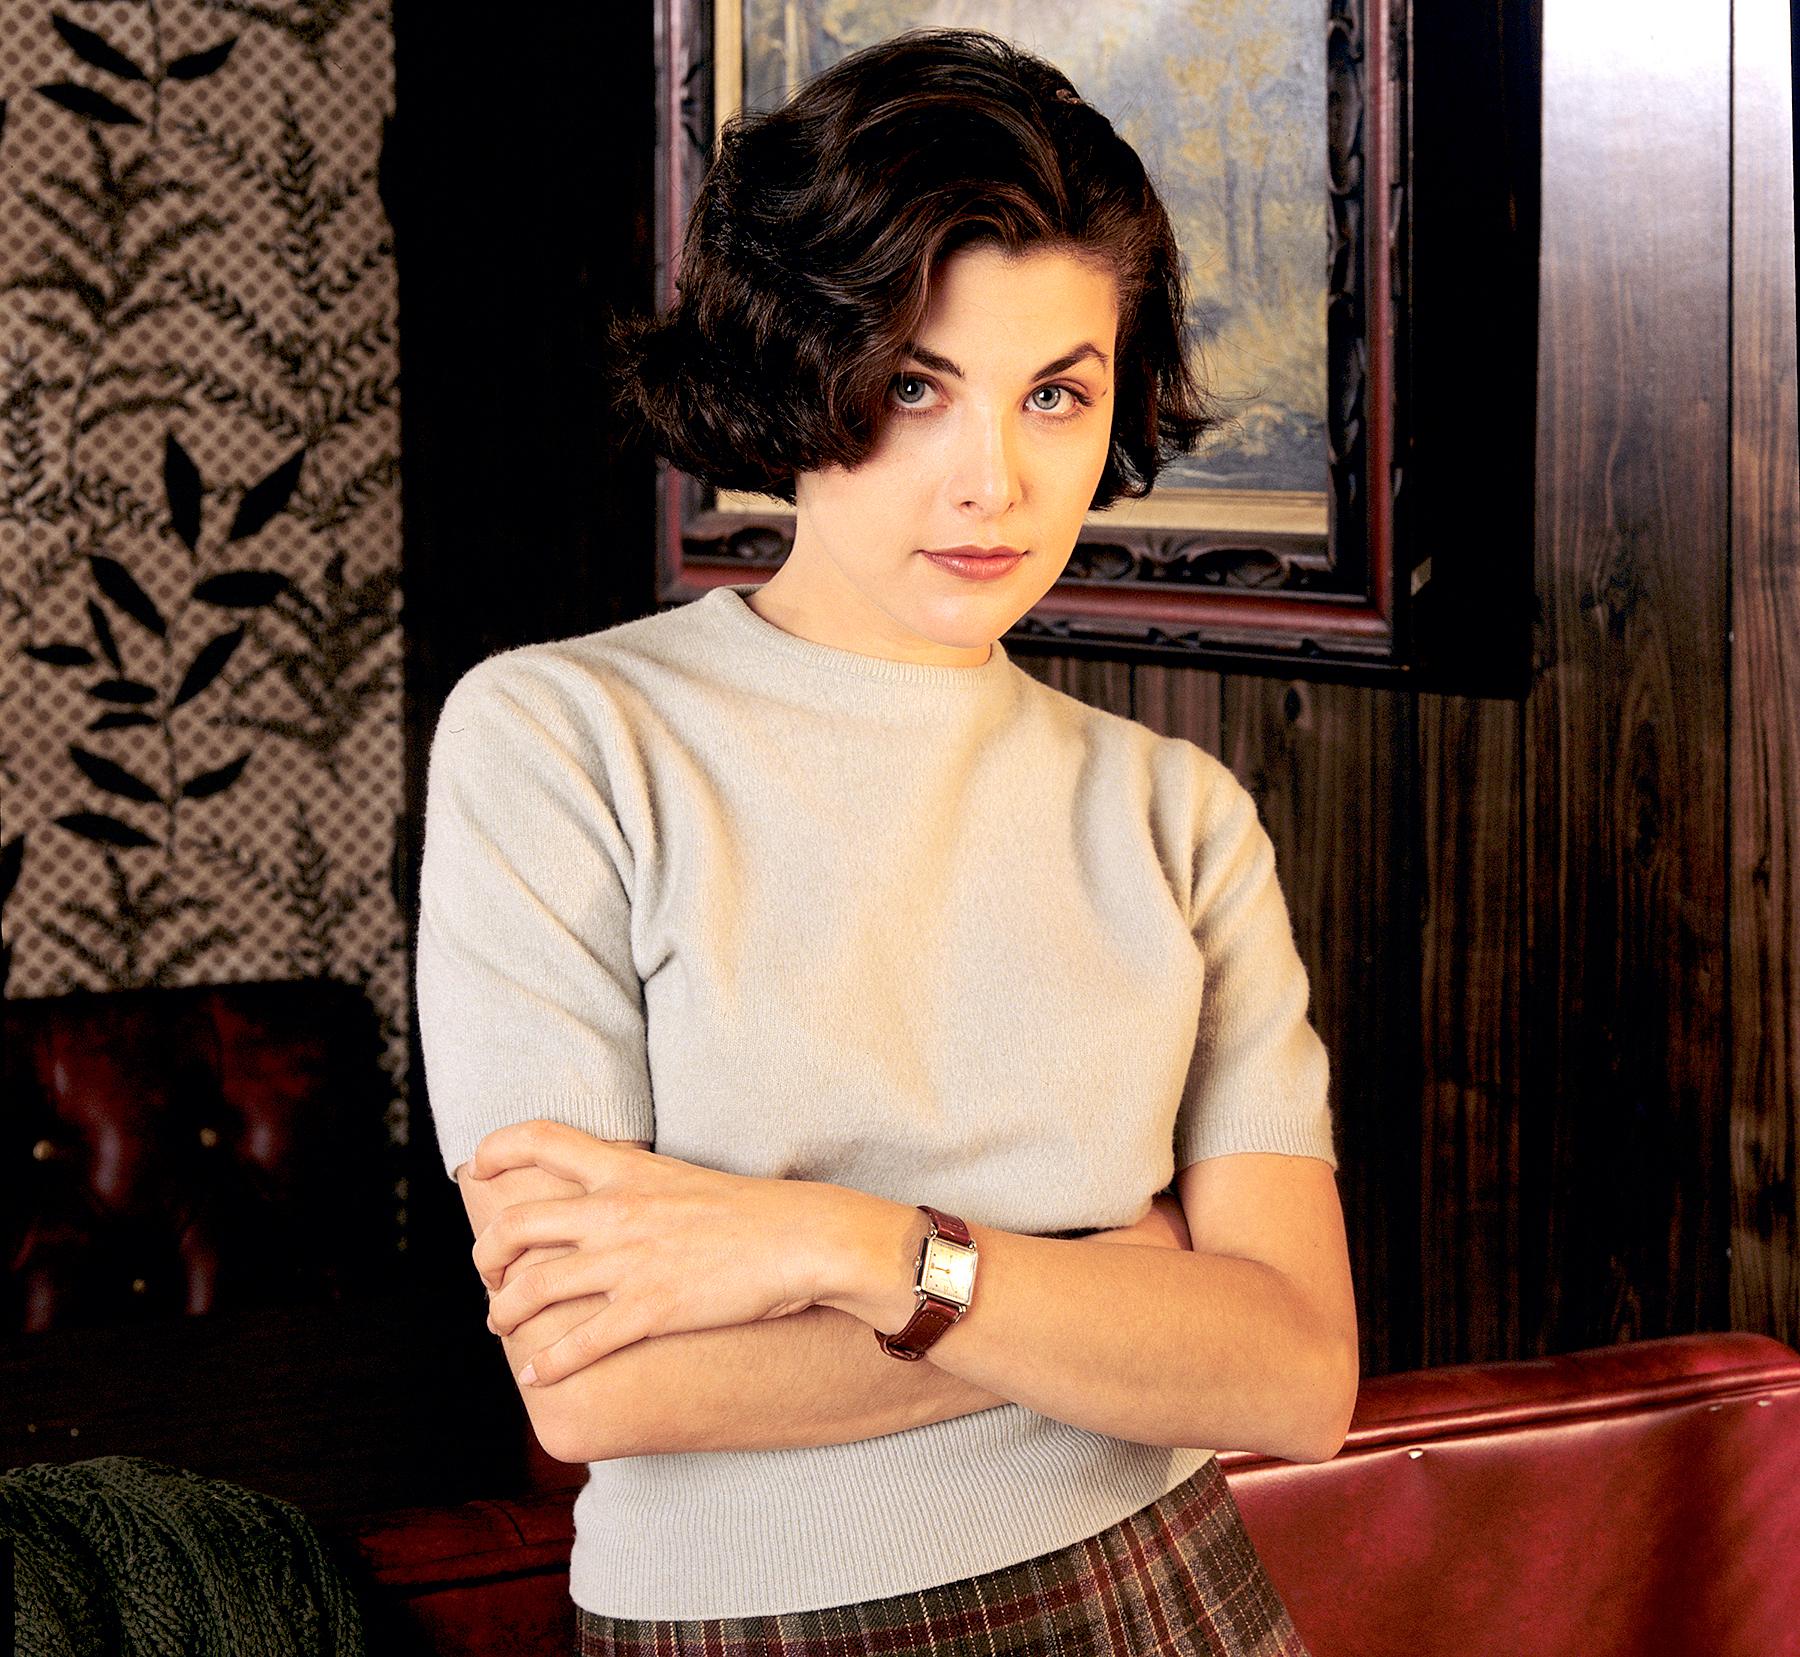 Sherilyn Fenn stars as Audrey Horne in Twin Peaks on 1989.